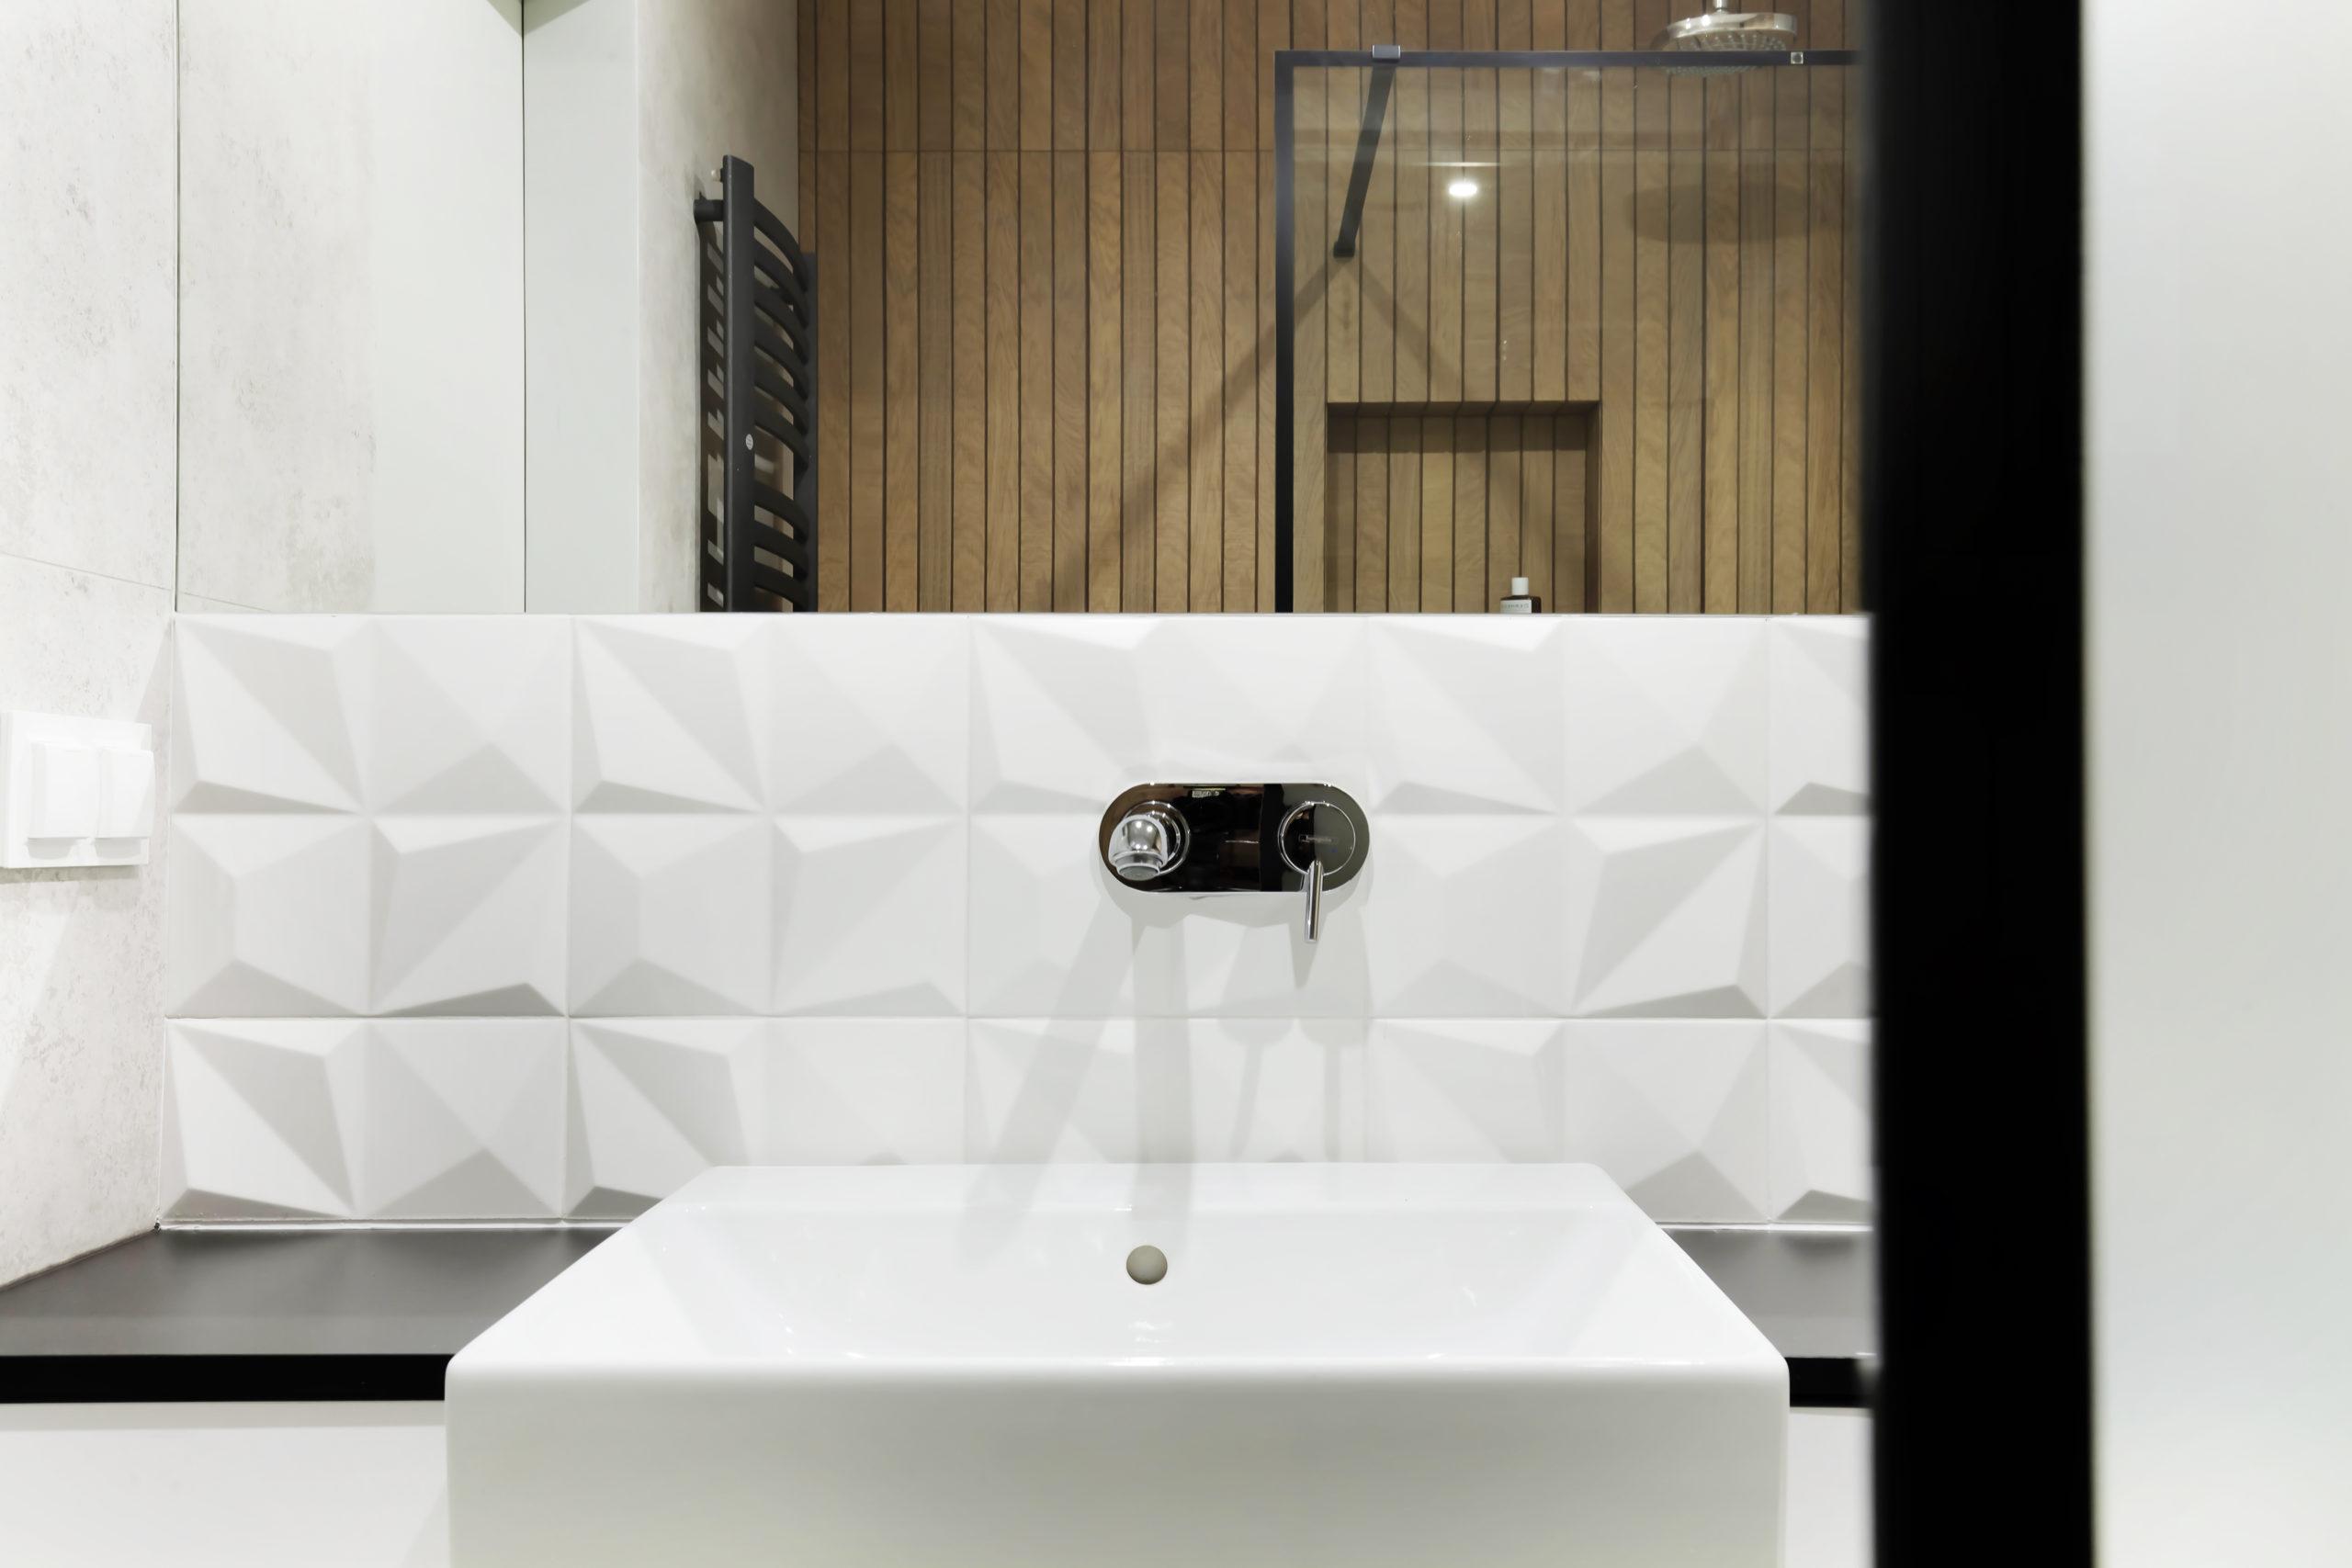 białe płytki 3d i drewno w łazience nowoczesnej